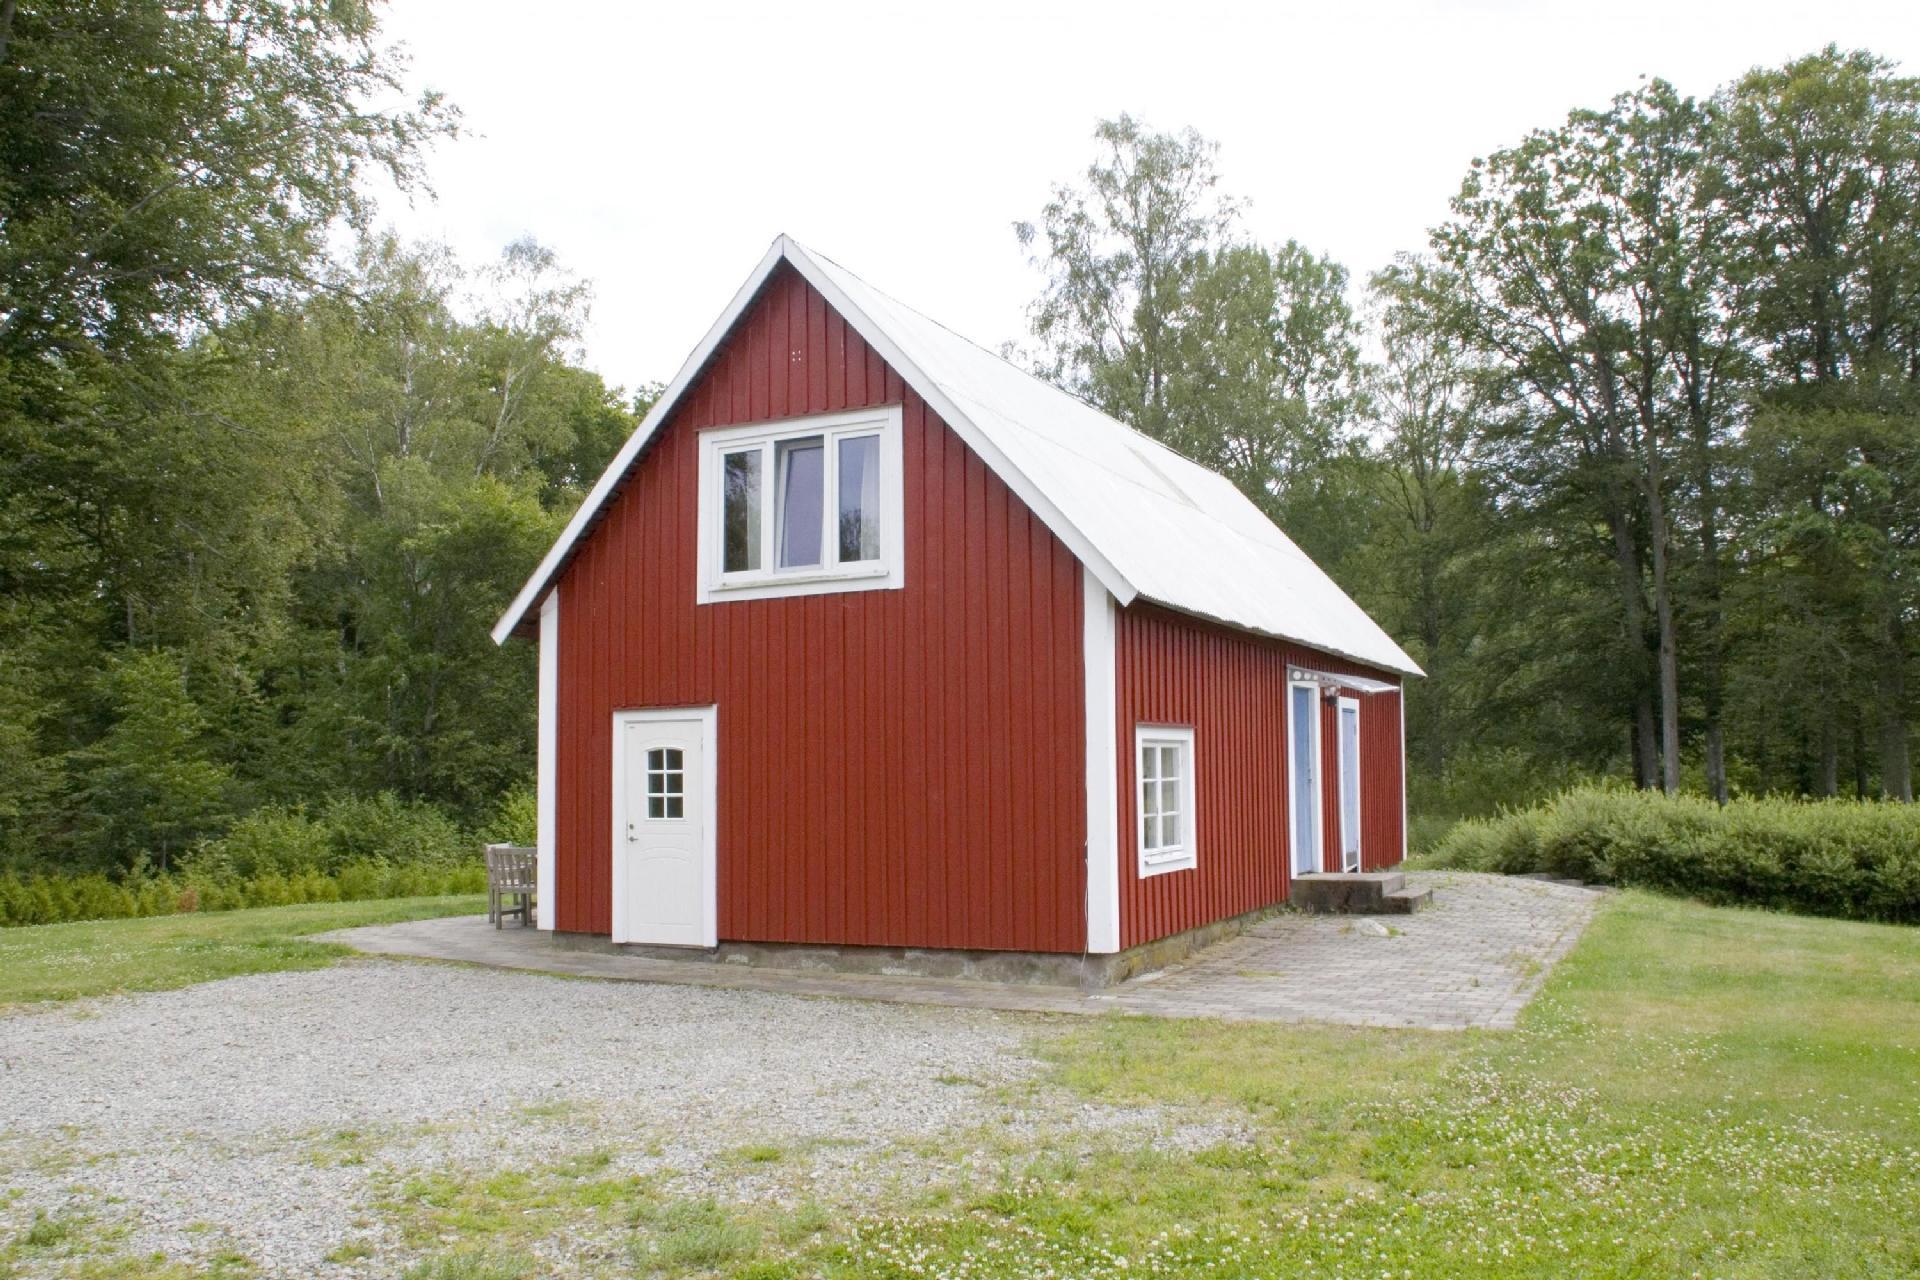 Ferienhaus für 5 Personen ca 125 m² in Urshult Südschweden See Åsnen